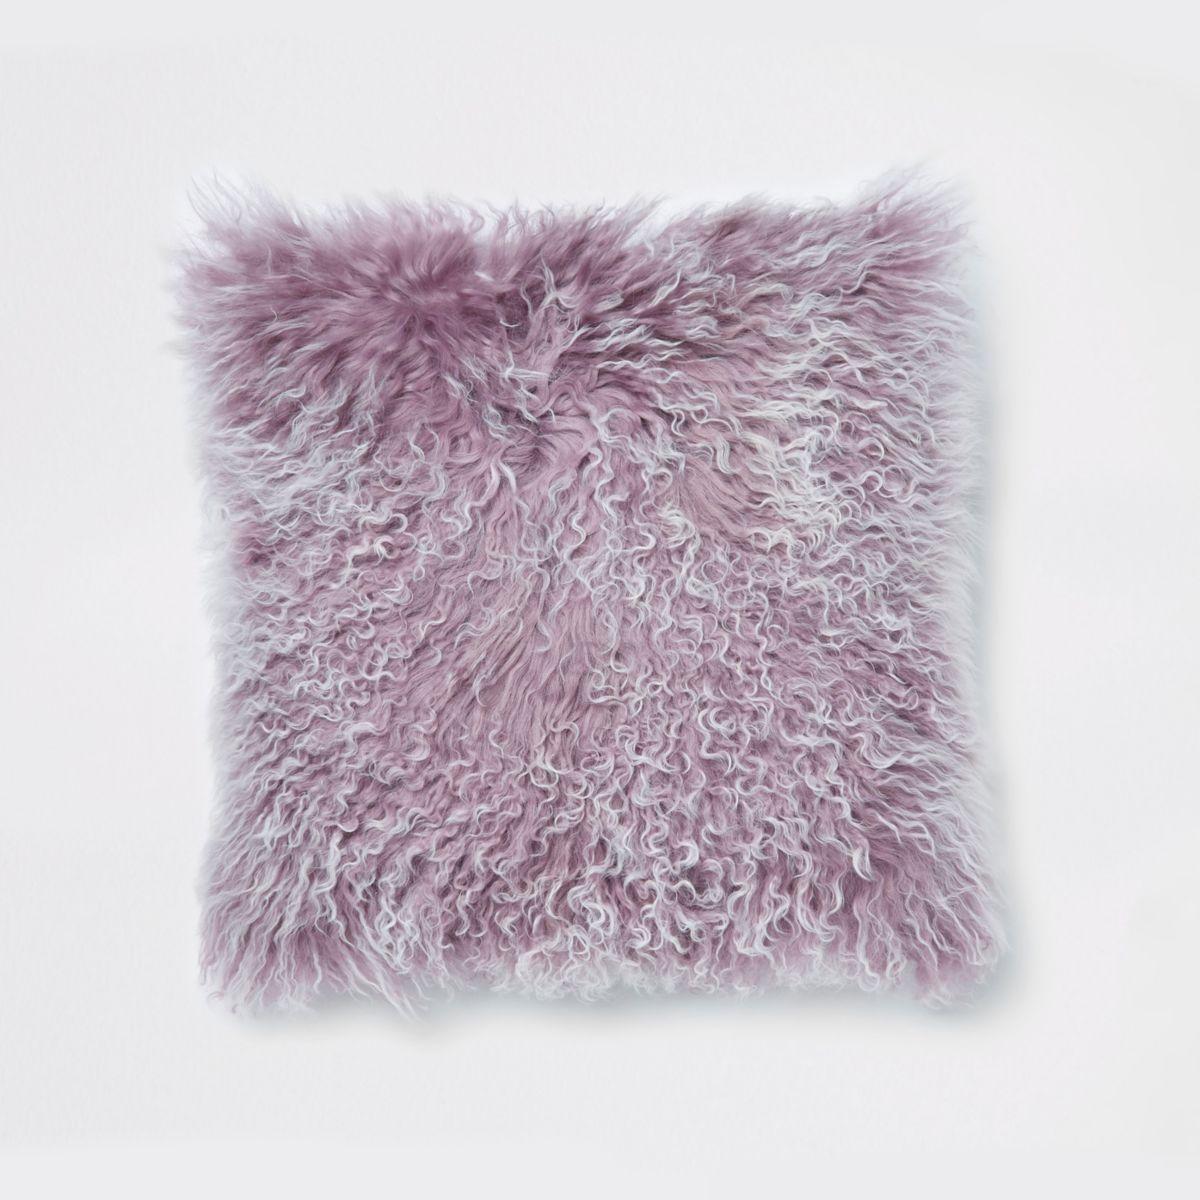 Purple Mongolian cushion